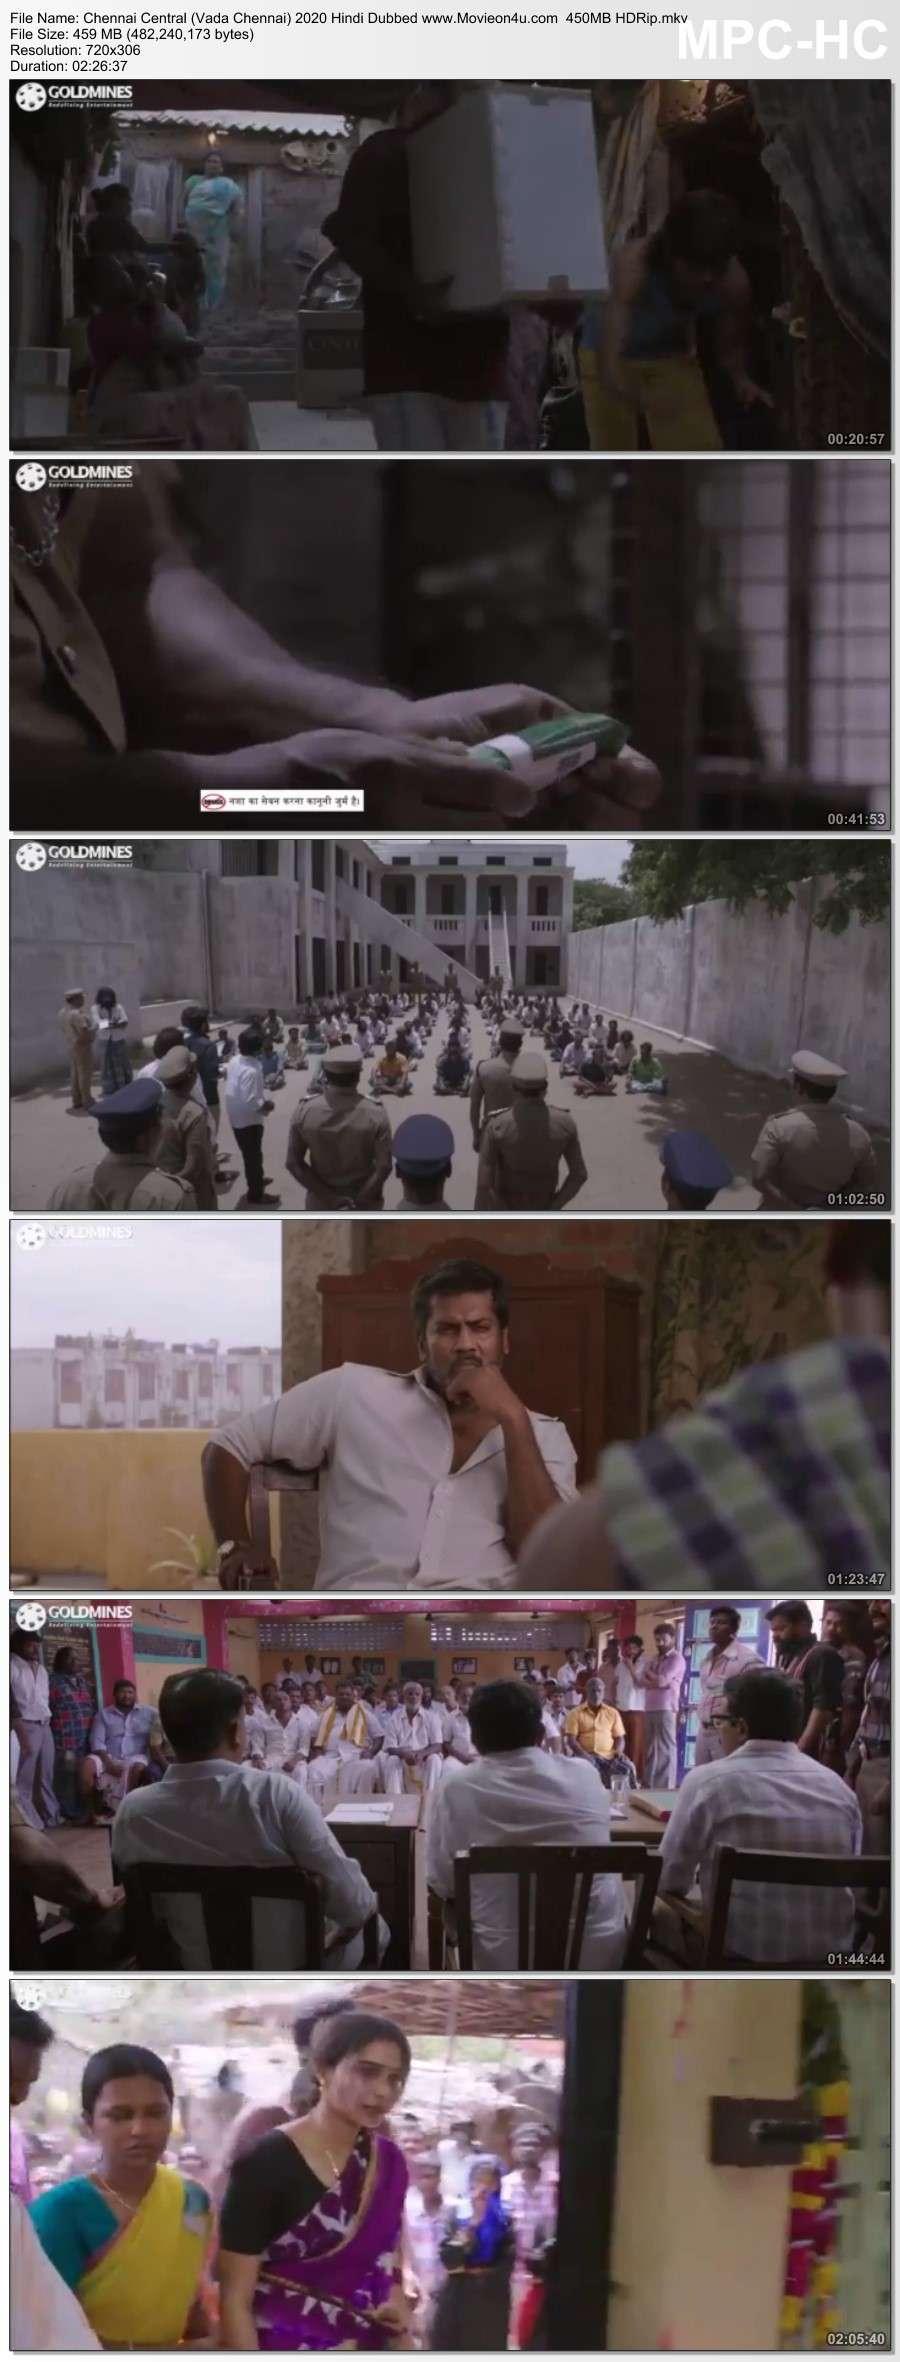 Chennai Central (Vada Chennai) 2020 Hindi Dubbed 450 HDRip x264 480p Download HD